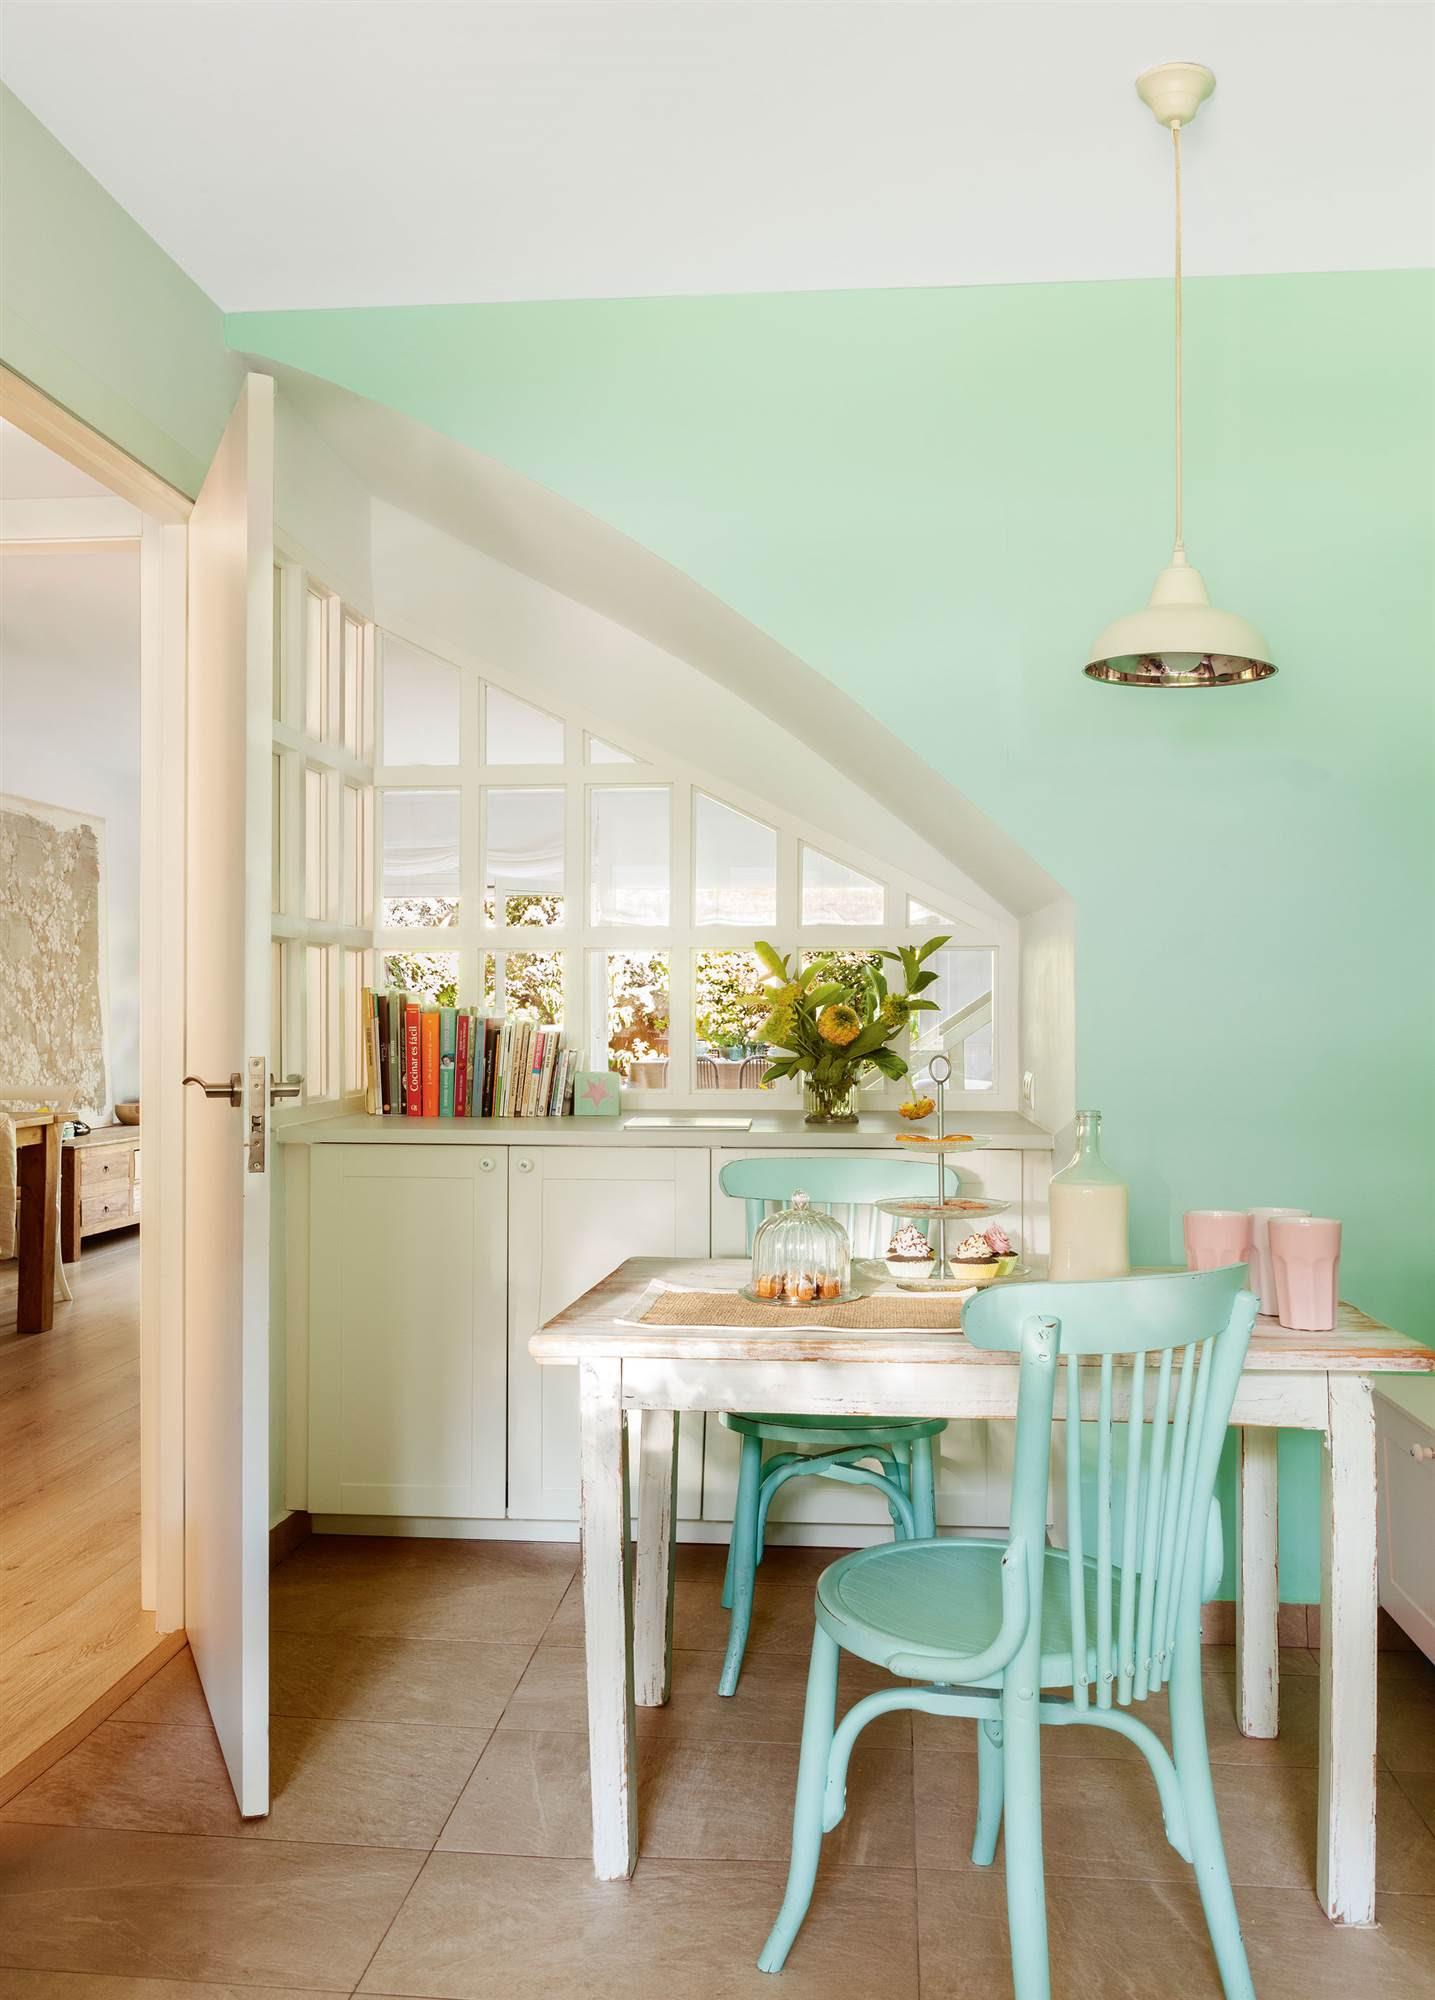 00405969. Office con cómoda, ventana y pared verde 00405969